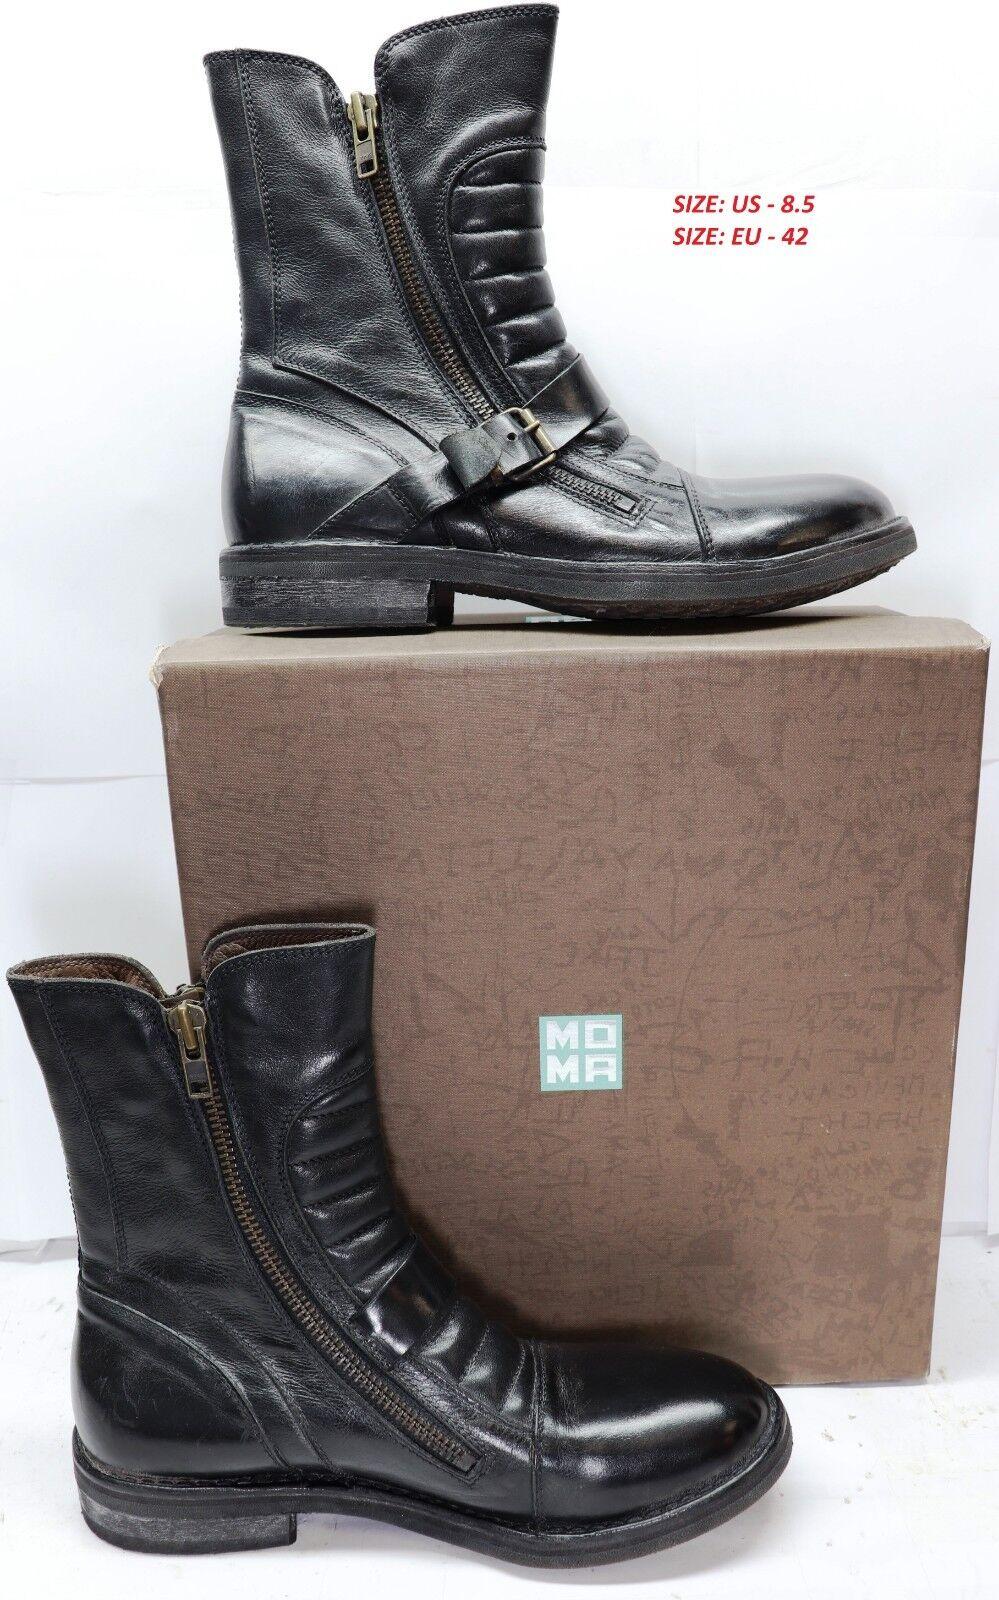 l'intera rete più bassa Margom Rockford Nero nero Leather Uomo 60204 scarpe scarpe scarpe US 8.5   EU 42  più preferenziale